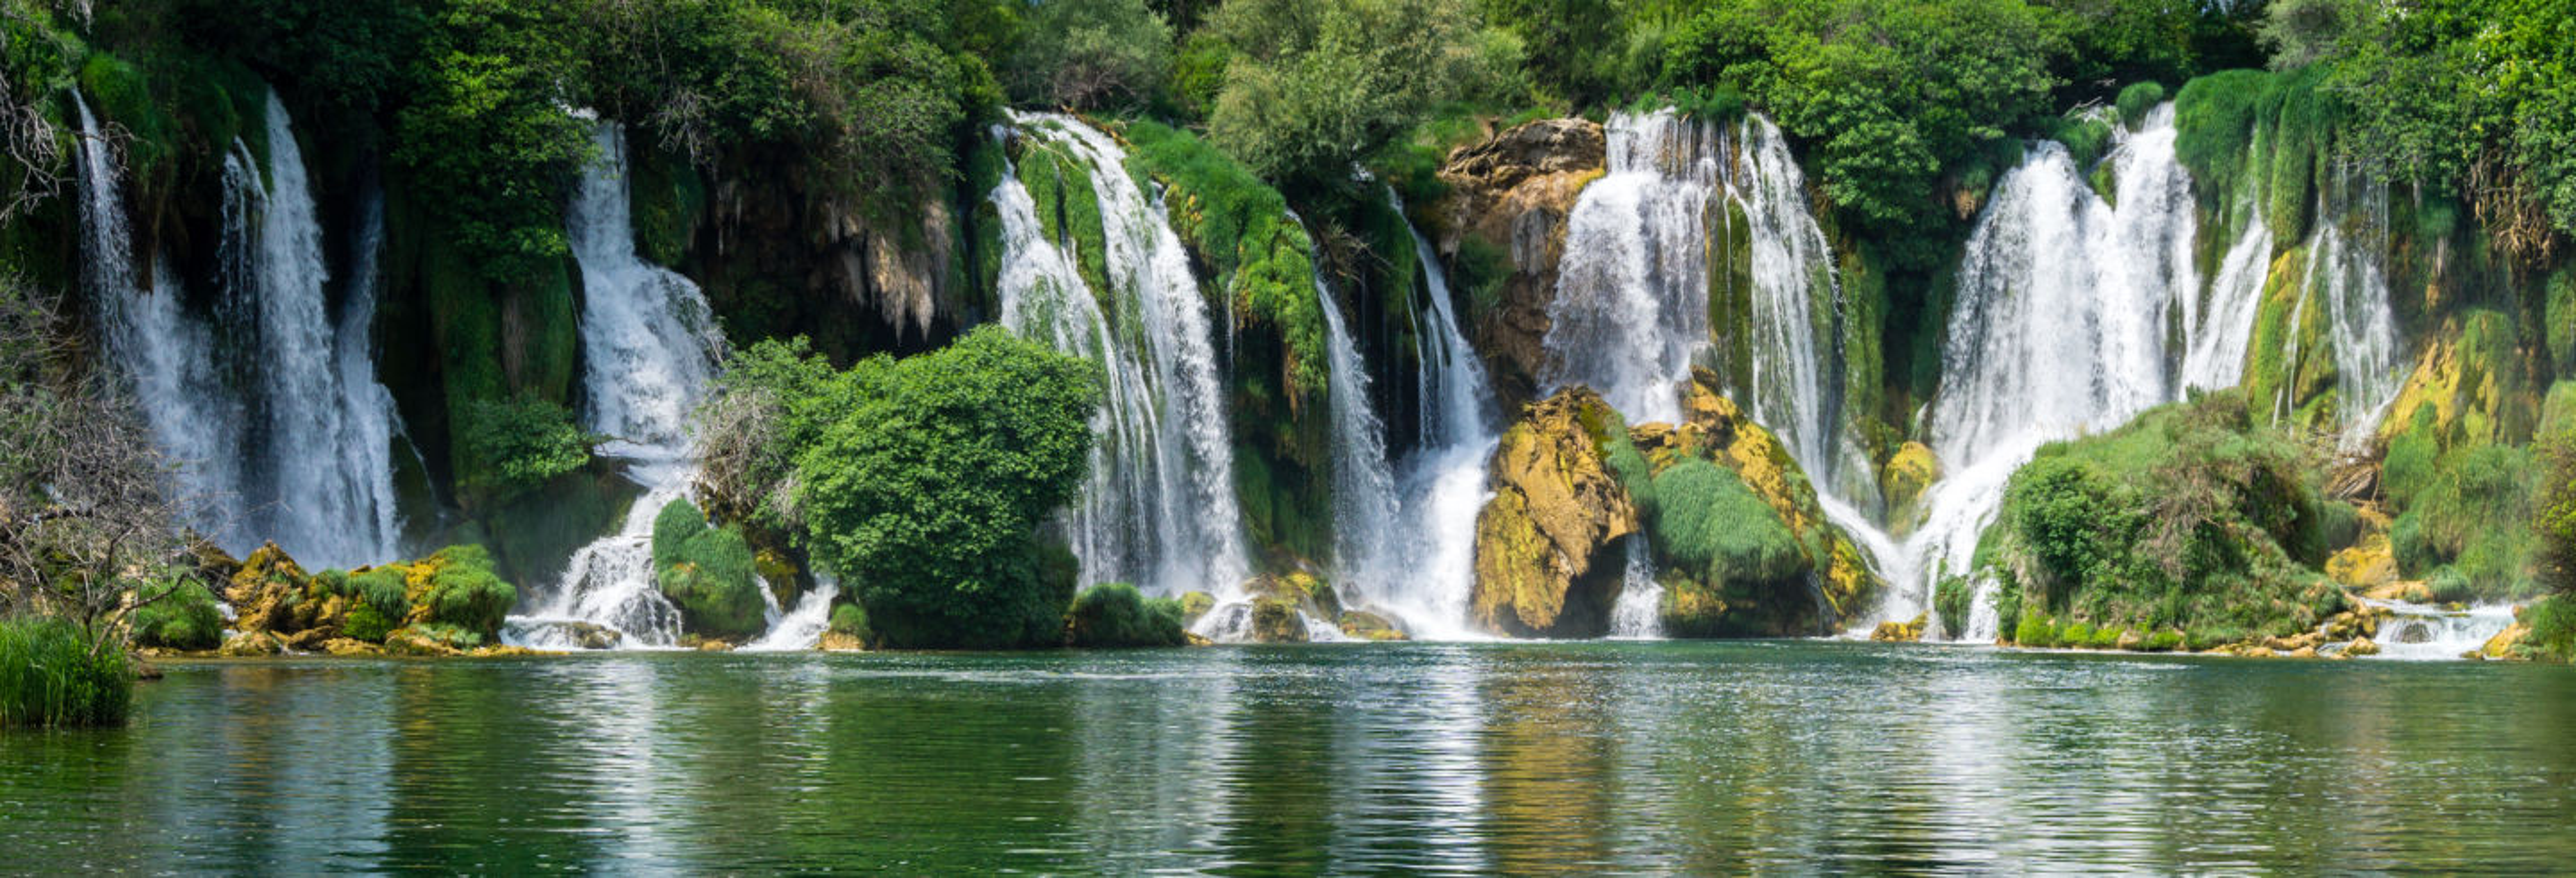 Excursão a Mostar e às cachoeiras de Kravice